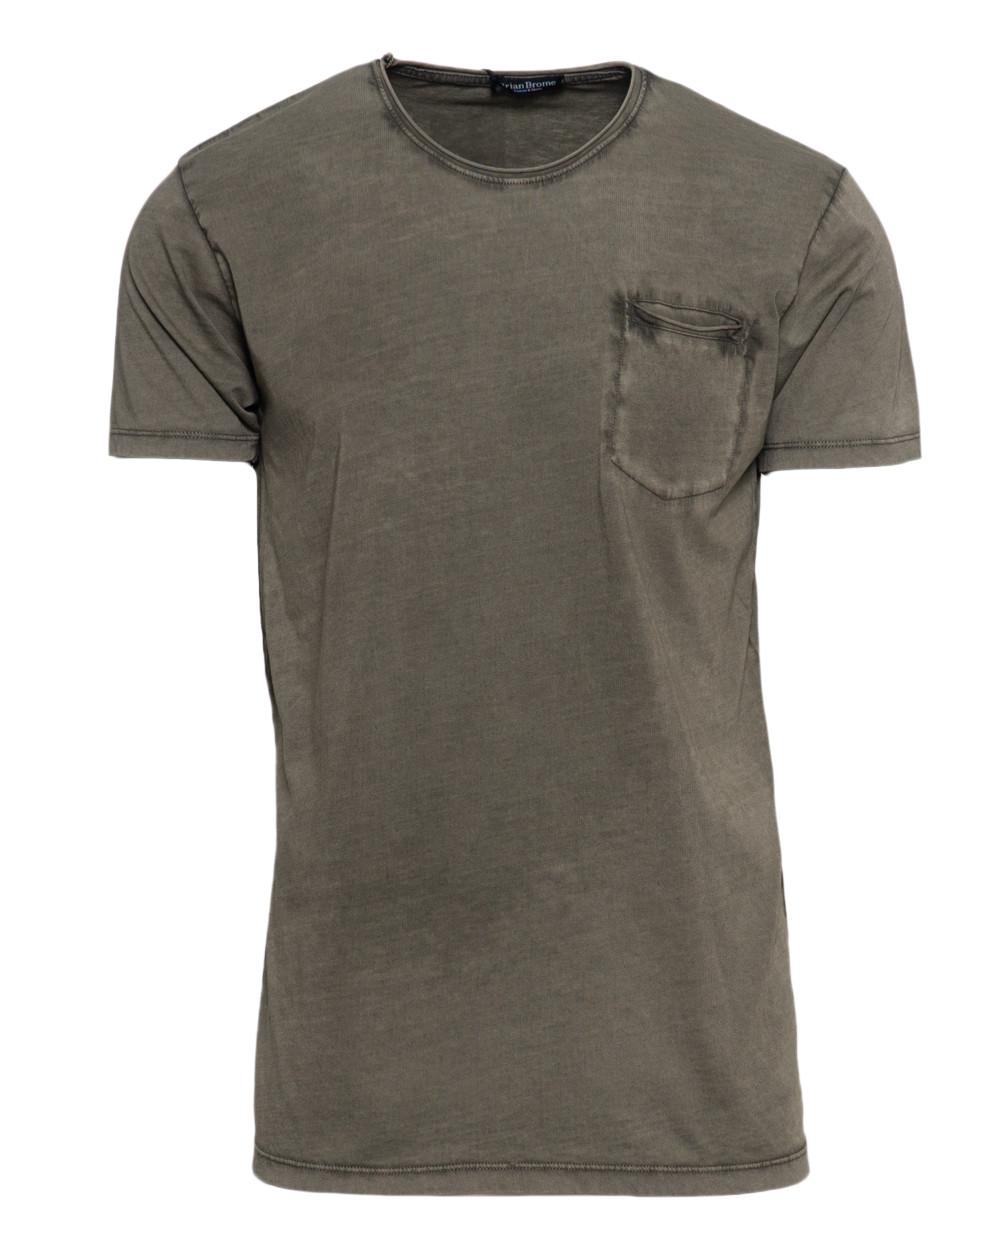 Marchio Brian Brome Genere Uomo Tipologia T-shirt Stagione Primavera/Estate…